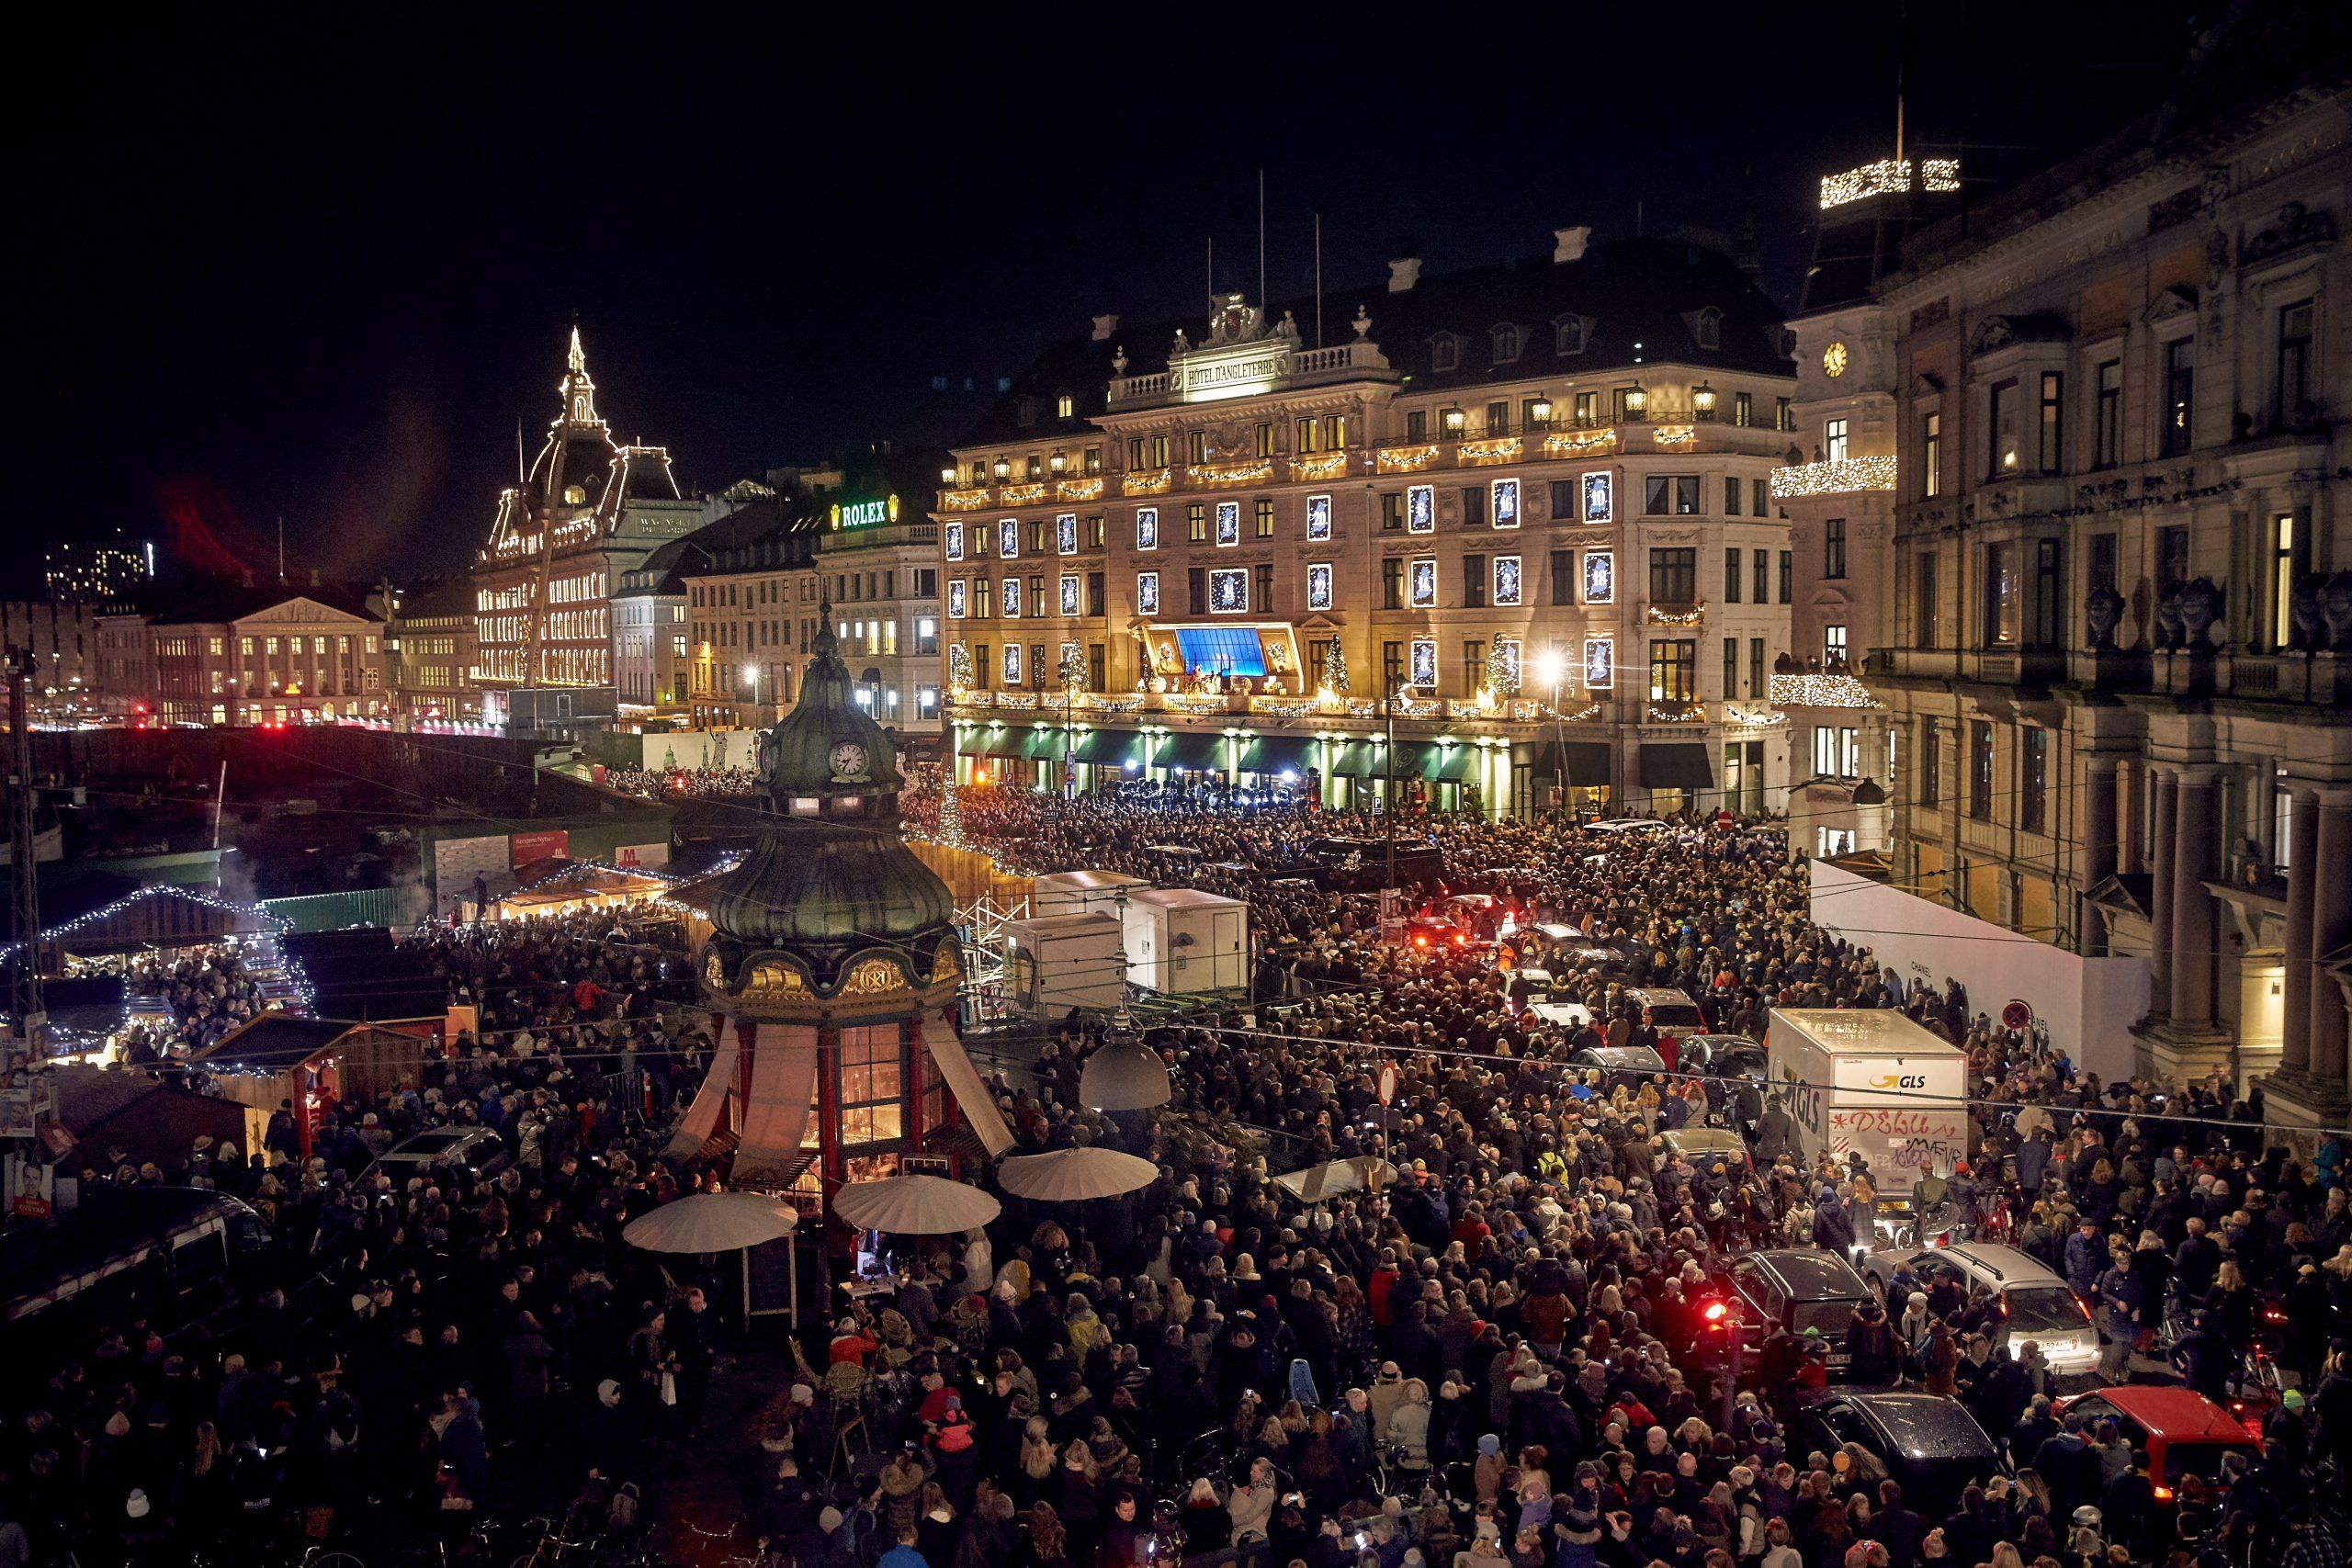 De seneste år har afsløringen d'Angleterres juletænding, hvor også Den Kongelige Livgardes Musikkorps har spillet julen ind, op mod 30.000 på Kongens Nytorv. Foto for Hotel d'Angleterre: Krestine Havemann.